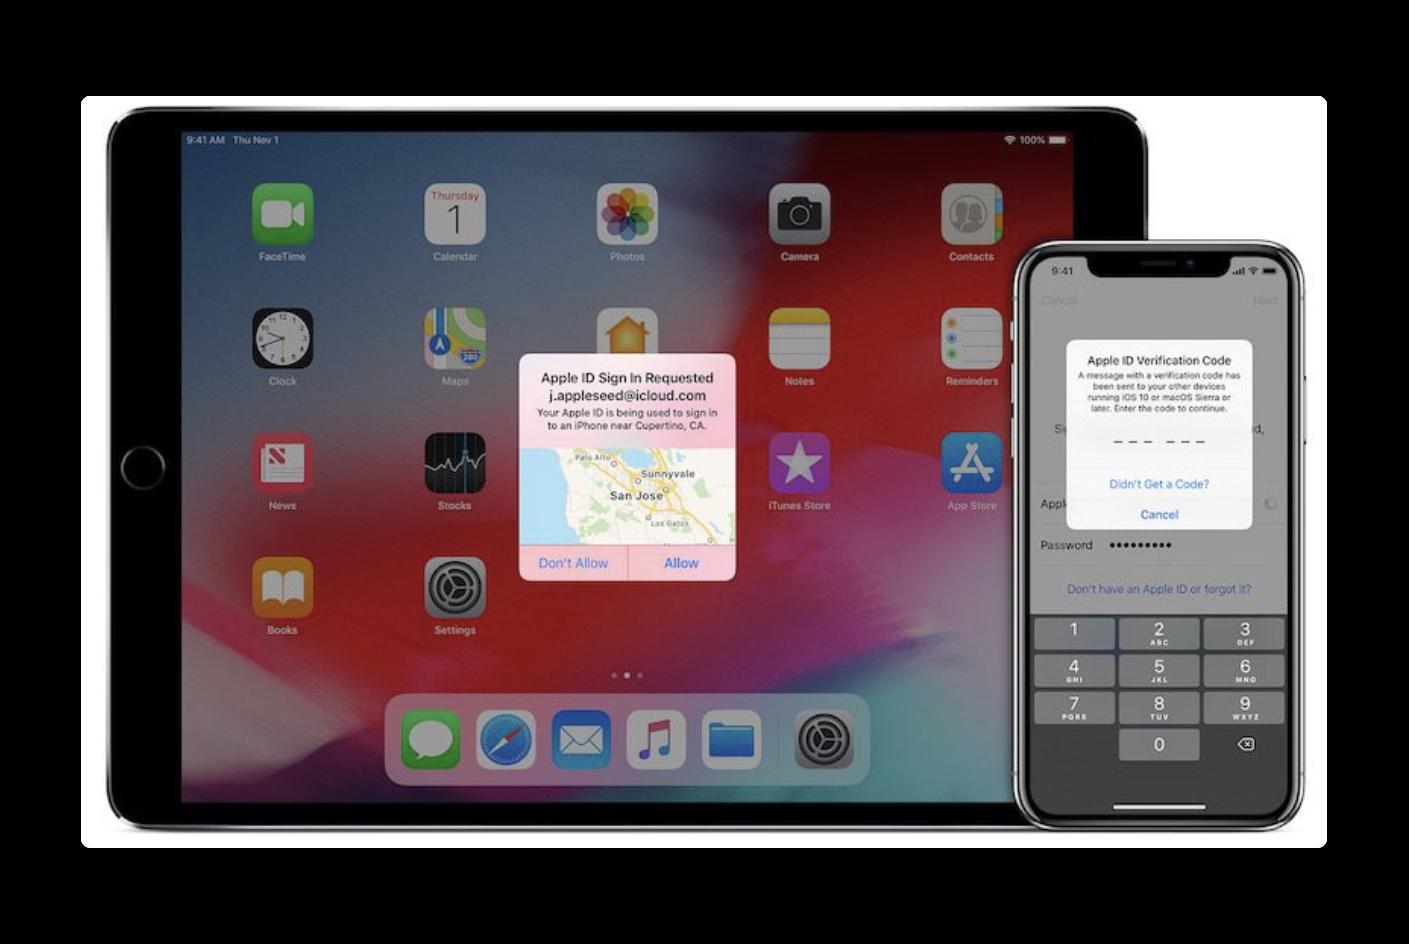 Apple、2ファクタ認証が時間がかかり過ぎると訴えられる